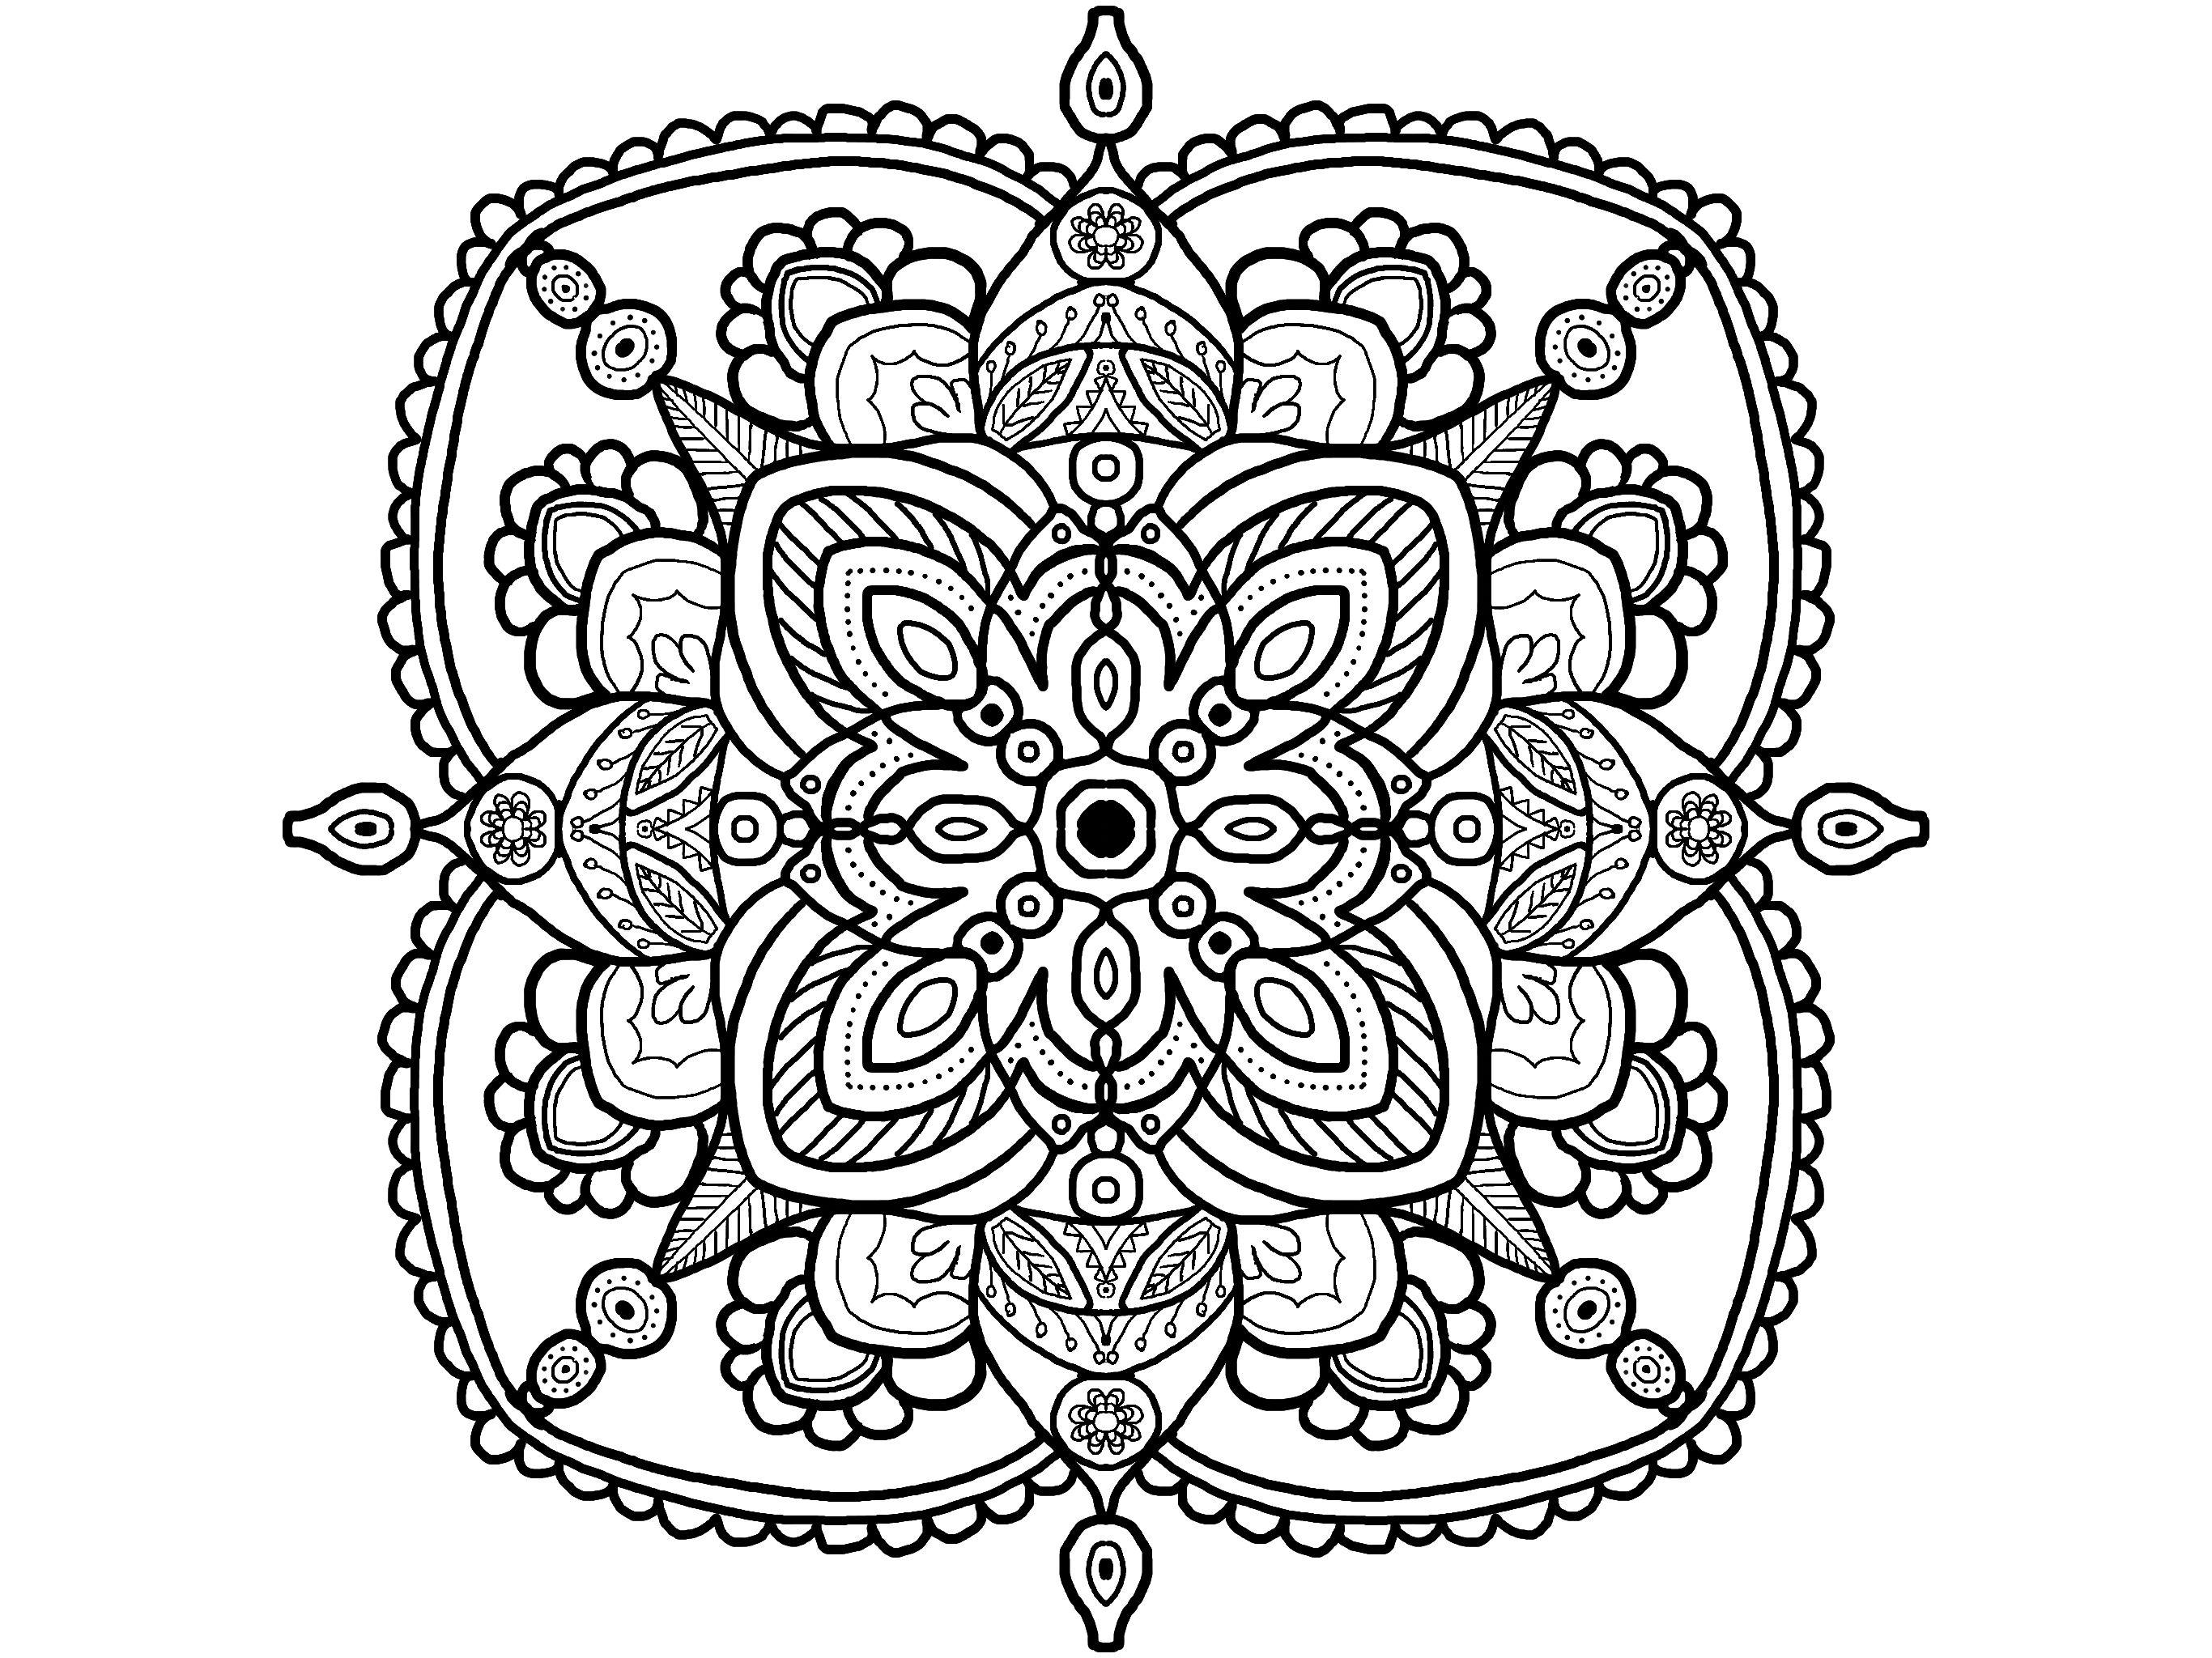 Mandala Coloring Page Adult Coloring Page Easy Mandala